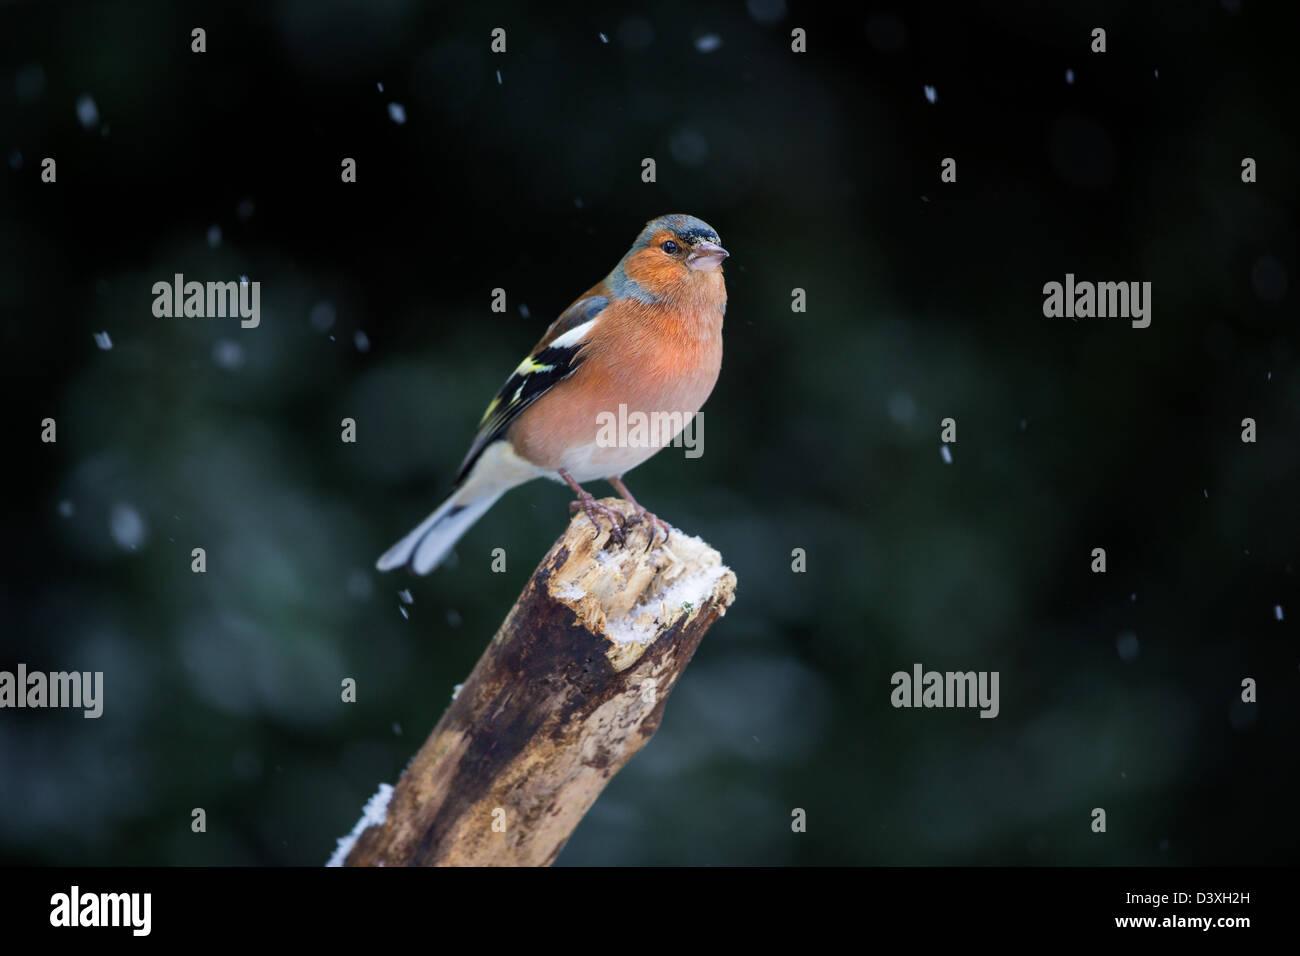 (Fringilla coelebs chaffinch mâle) perché sur une vieille branche lors d'une tempête de neige. Photo Stock